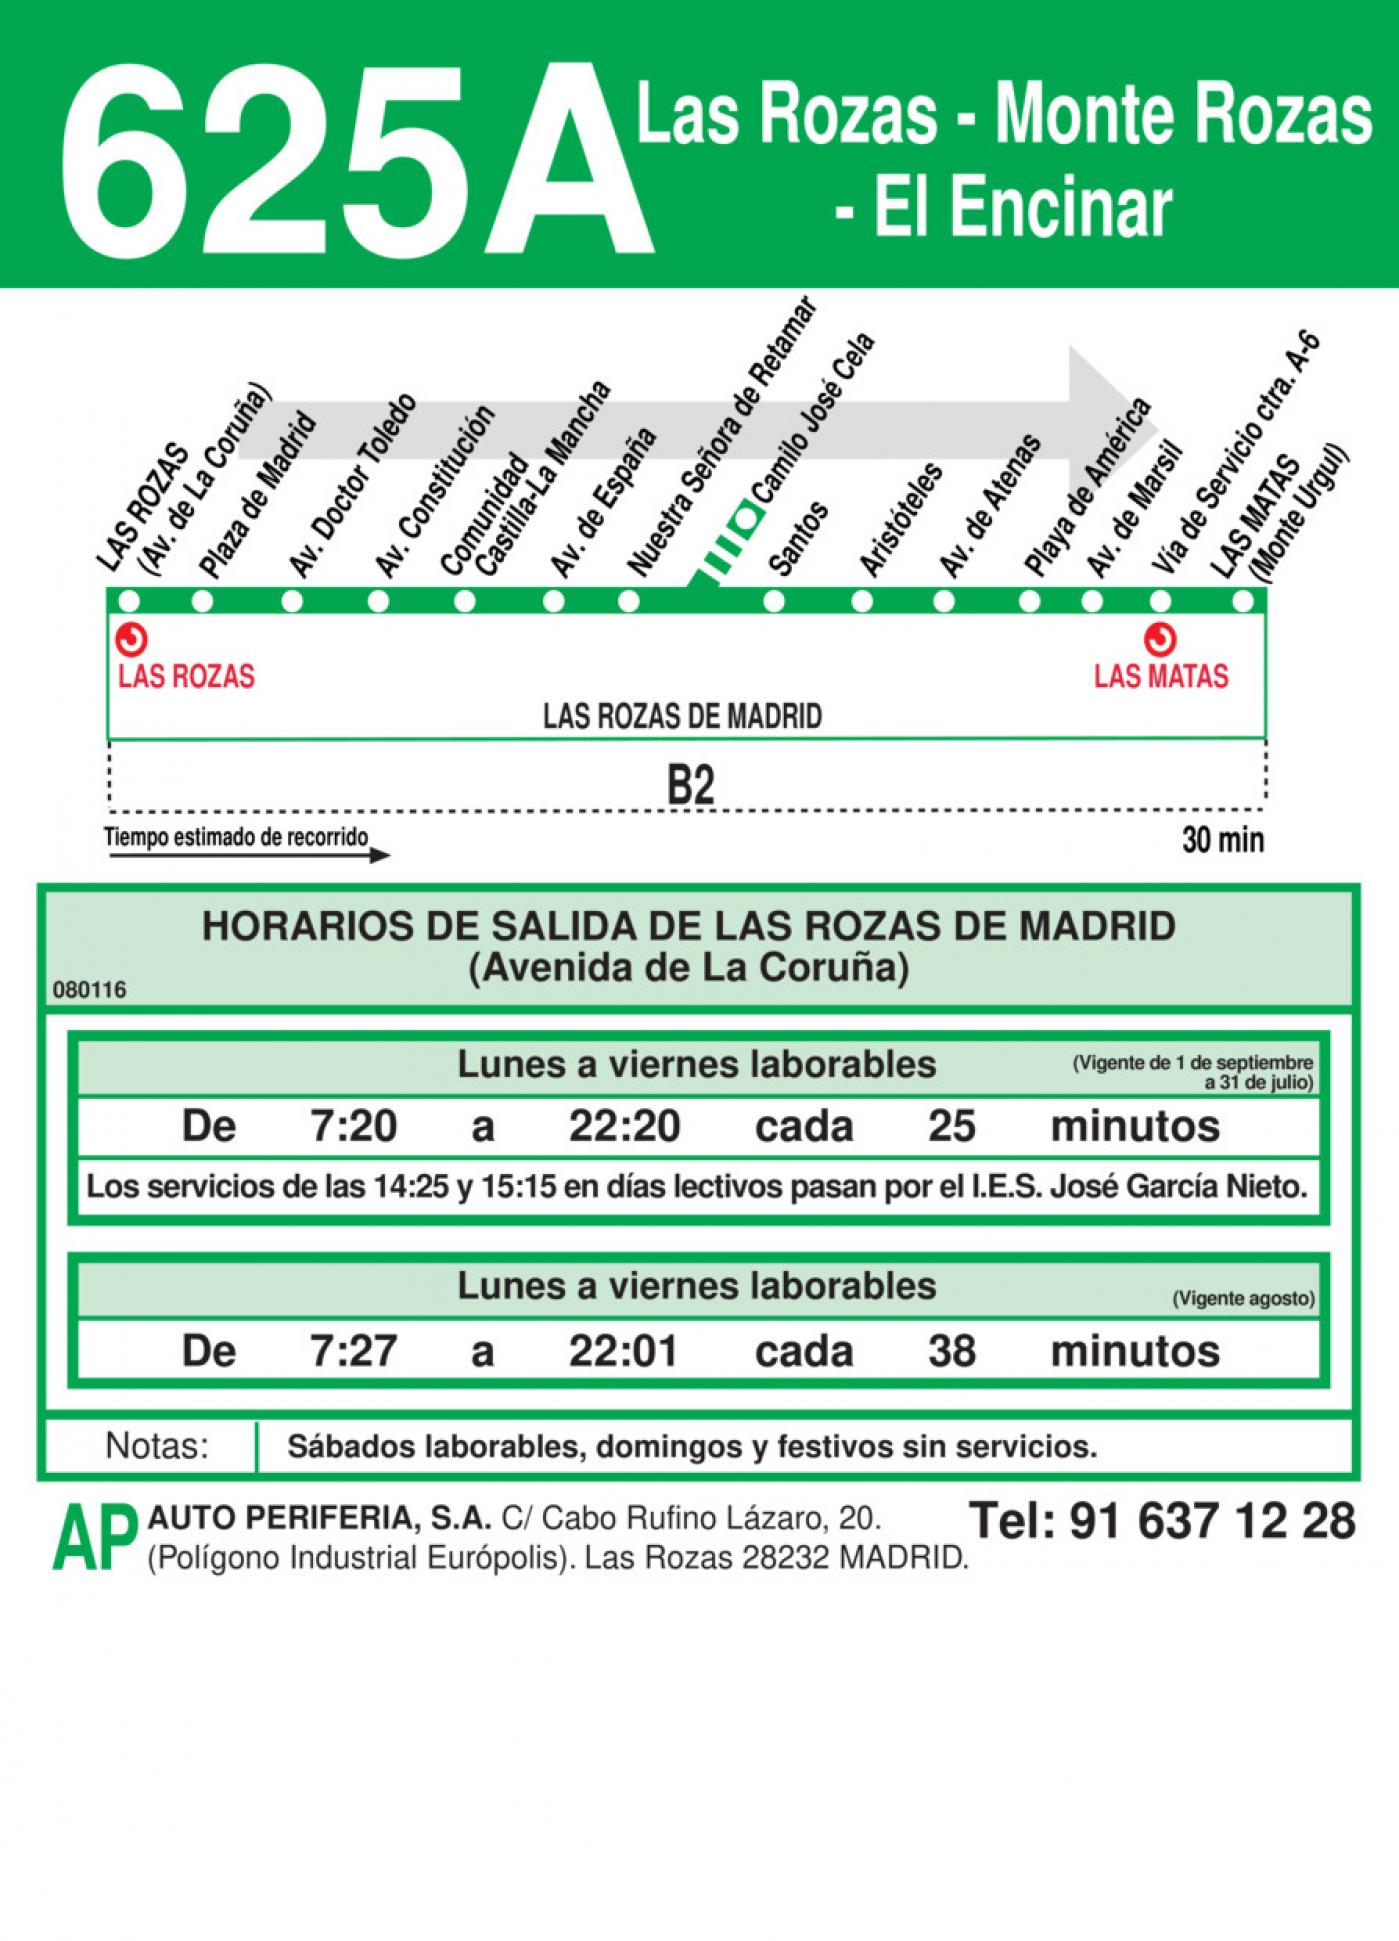 Tabla de horarios y frecuencias de paso en sentido ida Línea 625-A: Las Rozas - Monte Rozas - El Encinar